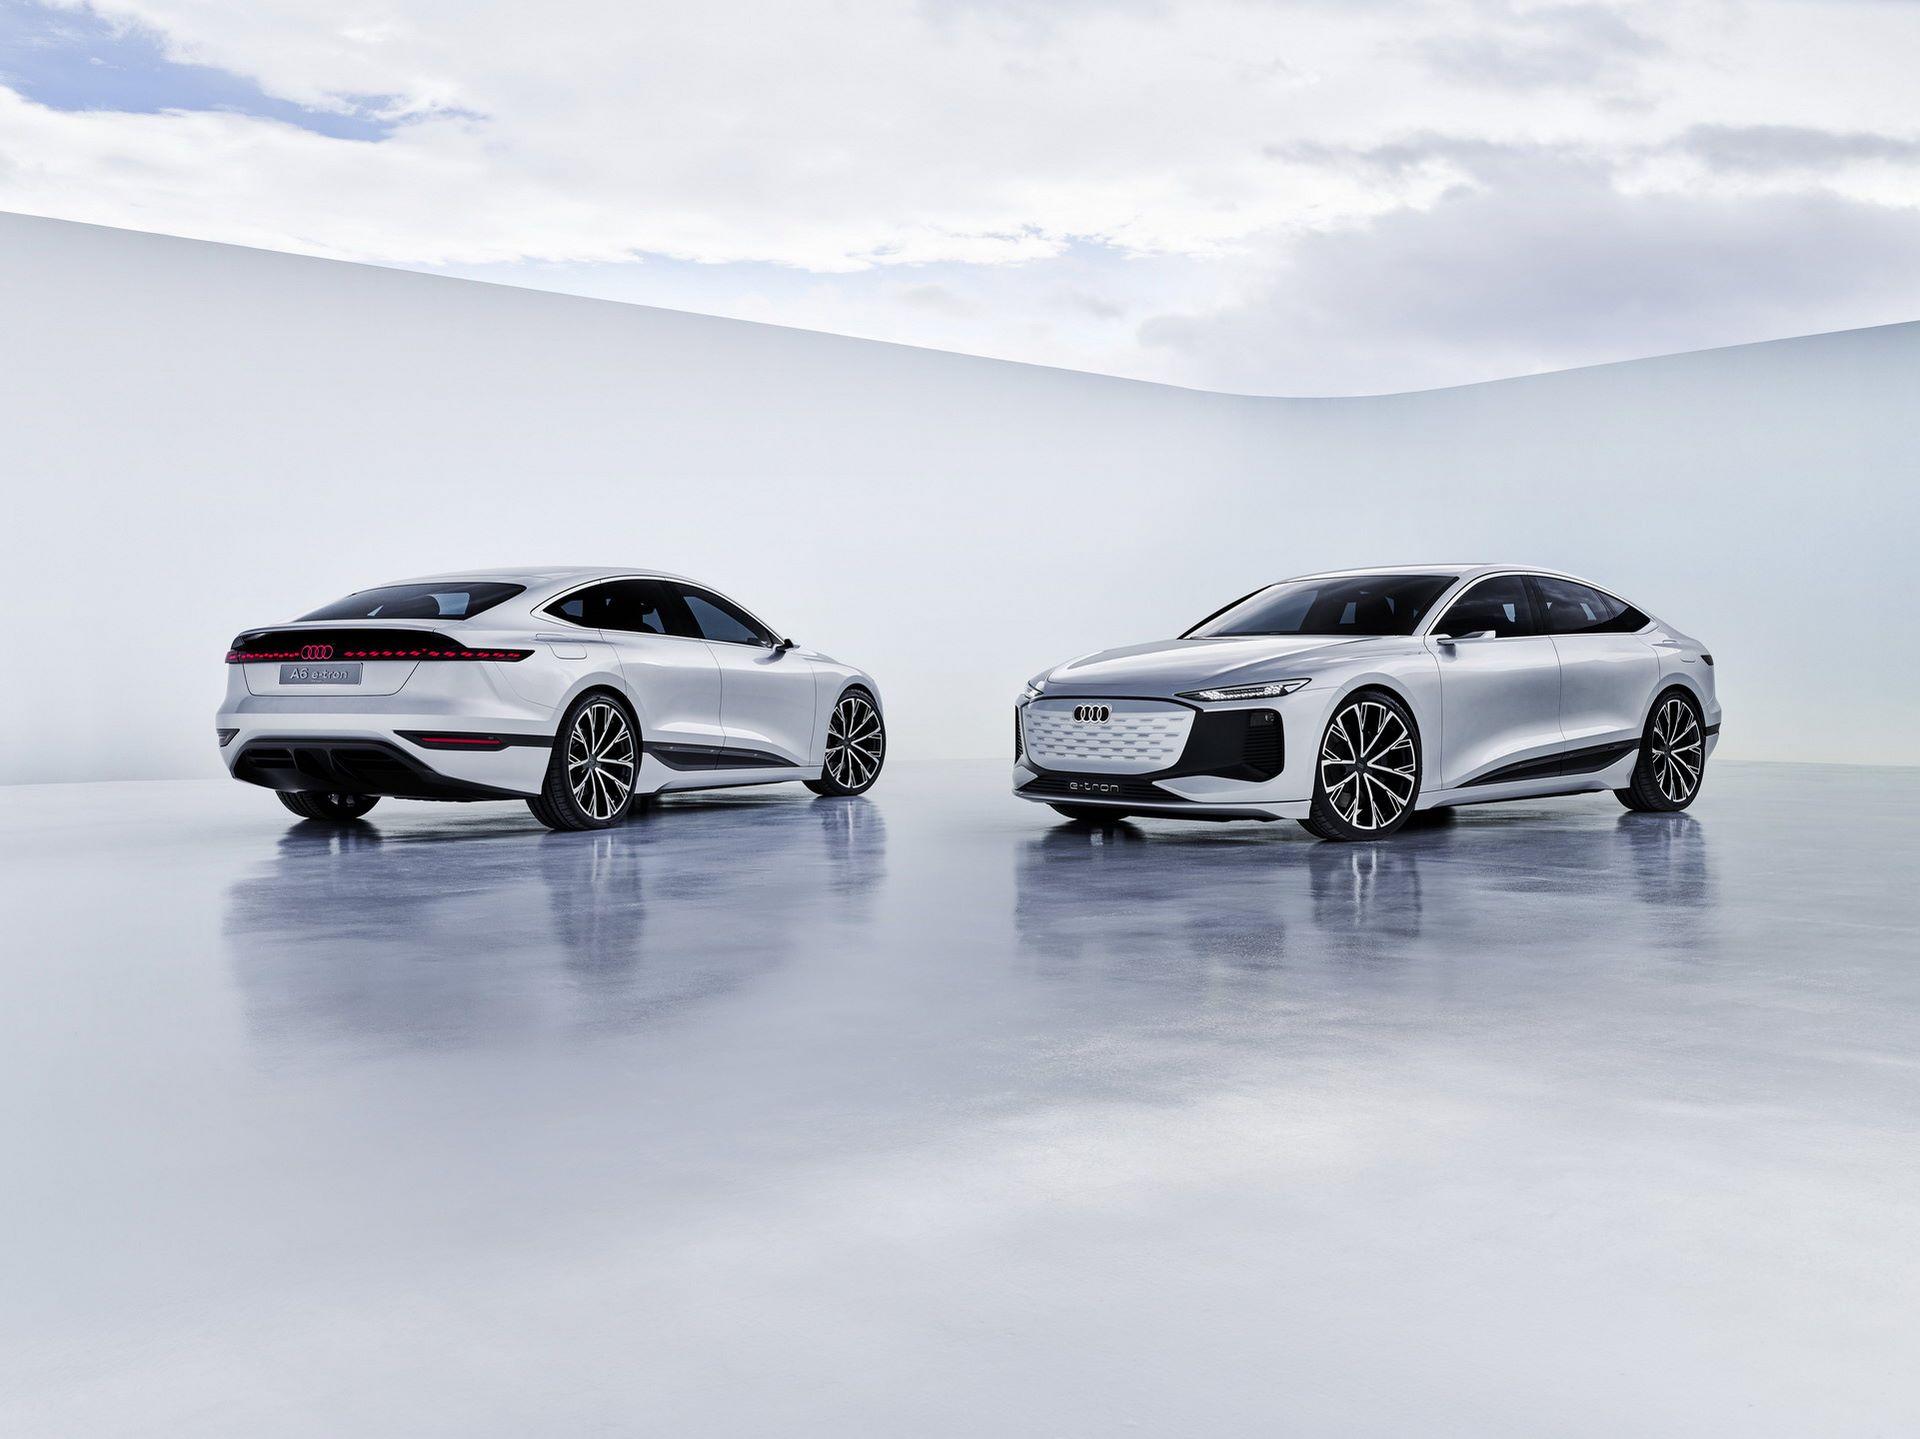 Audi-A6-e-tron-concept-16